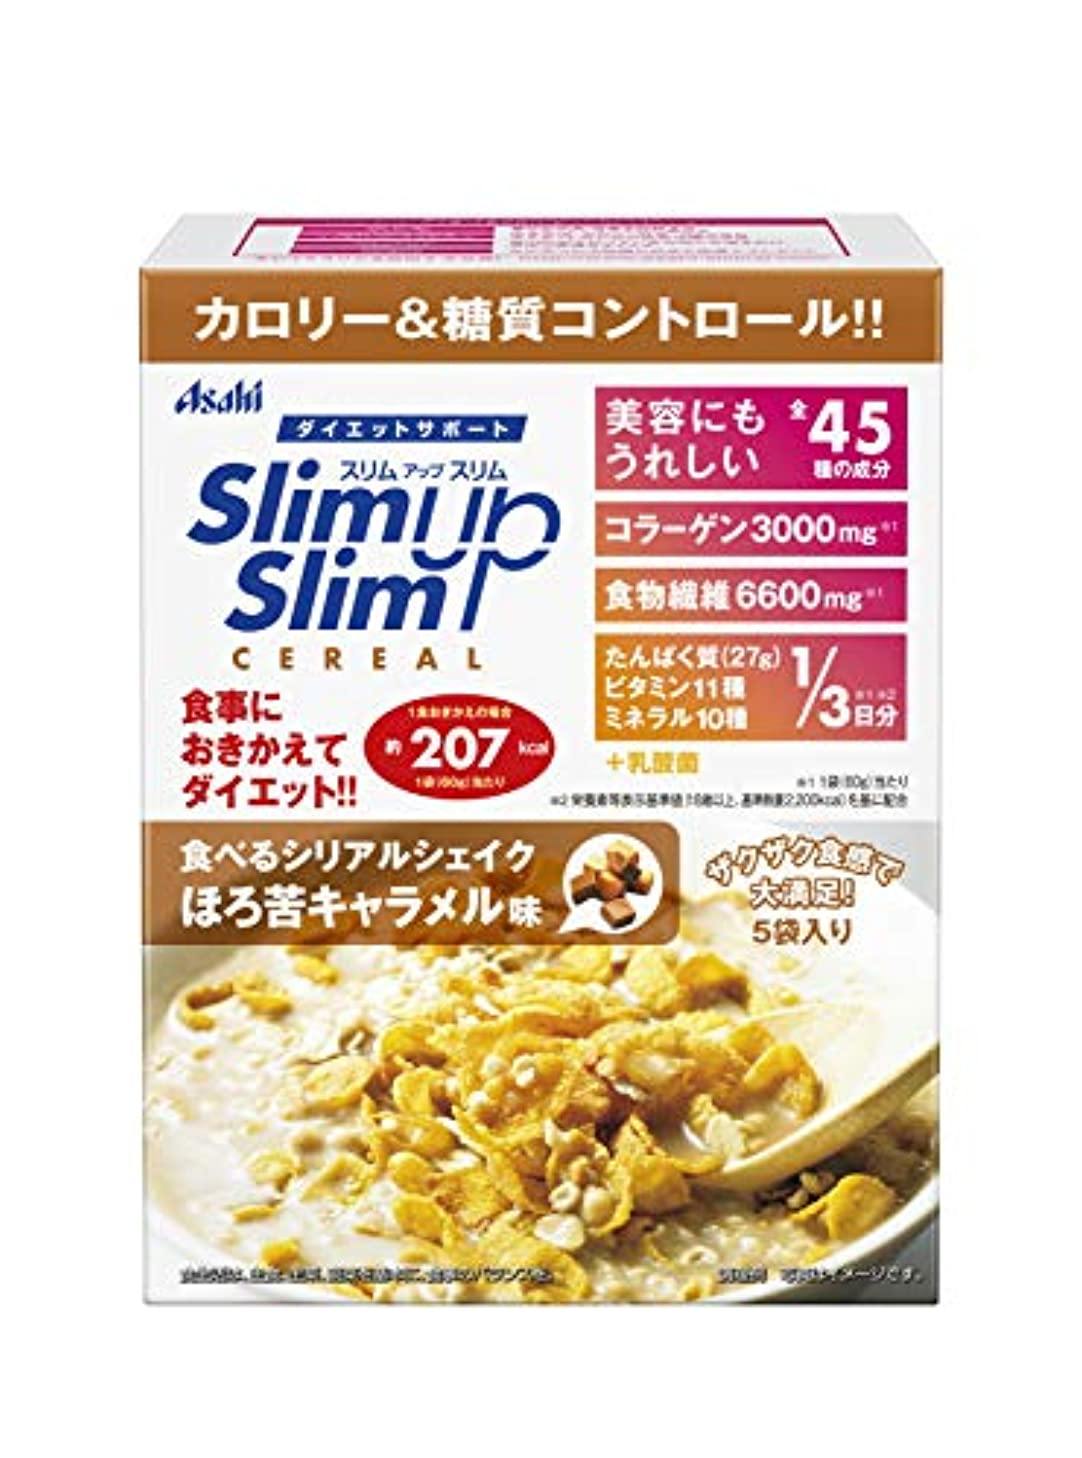 確かにドロップ切り離すスリムアップスリム 食べるシリアルシェイク ほろ苦キャラメル味 300g (60g×5袋)